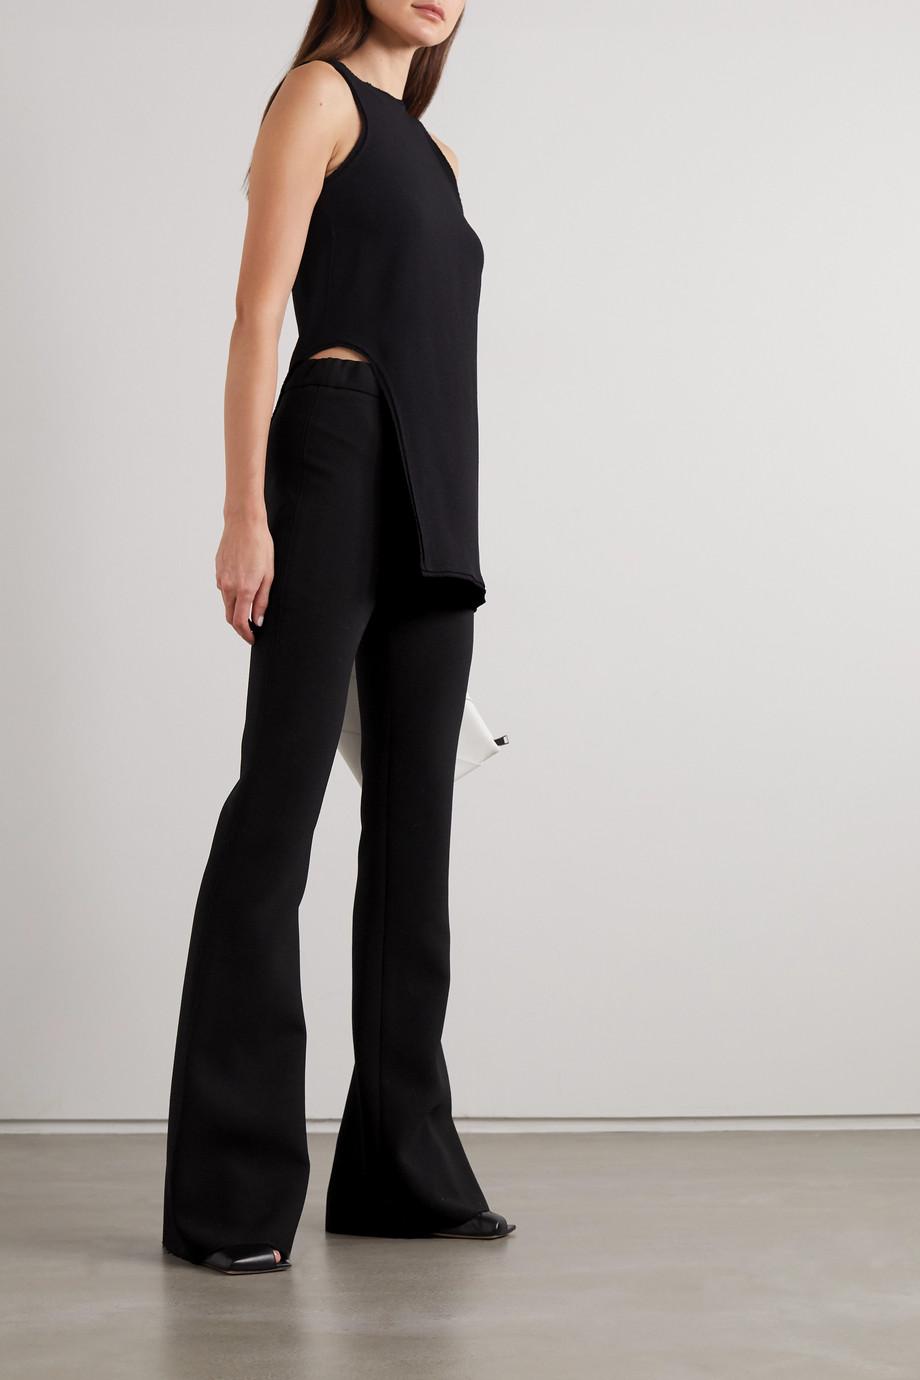 GAUCHERE Rihanna 羊毛喇叭裤